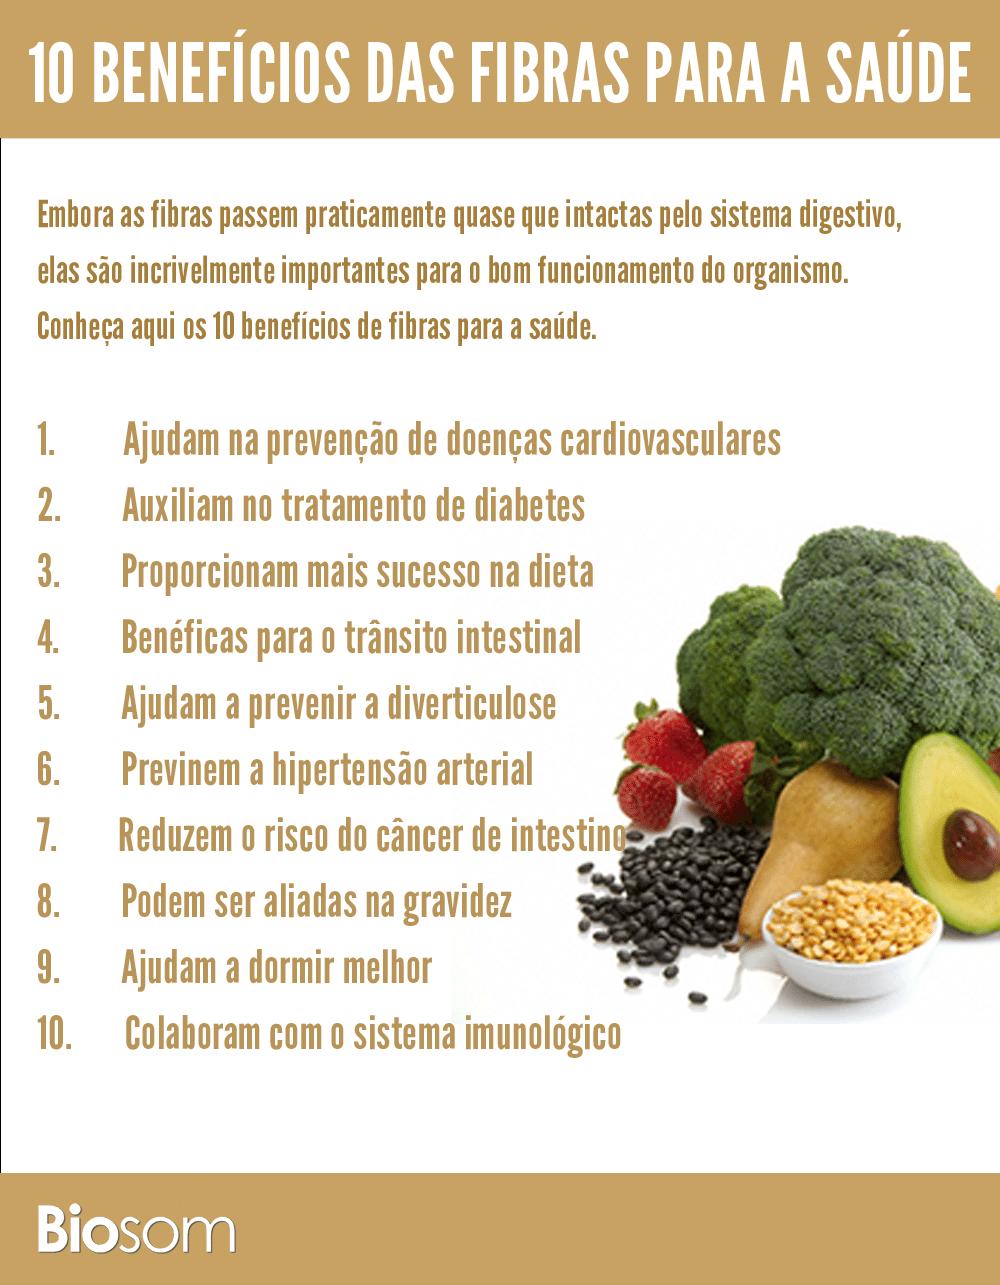 10 benefícios de fibras para a saúde - infográfico